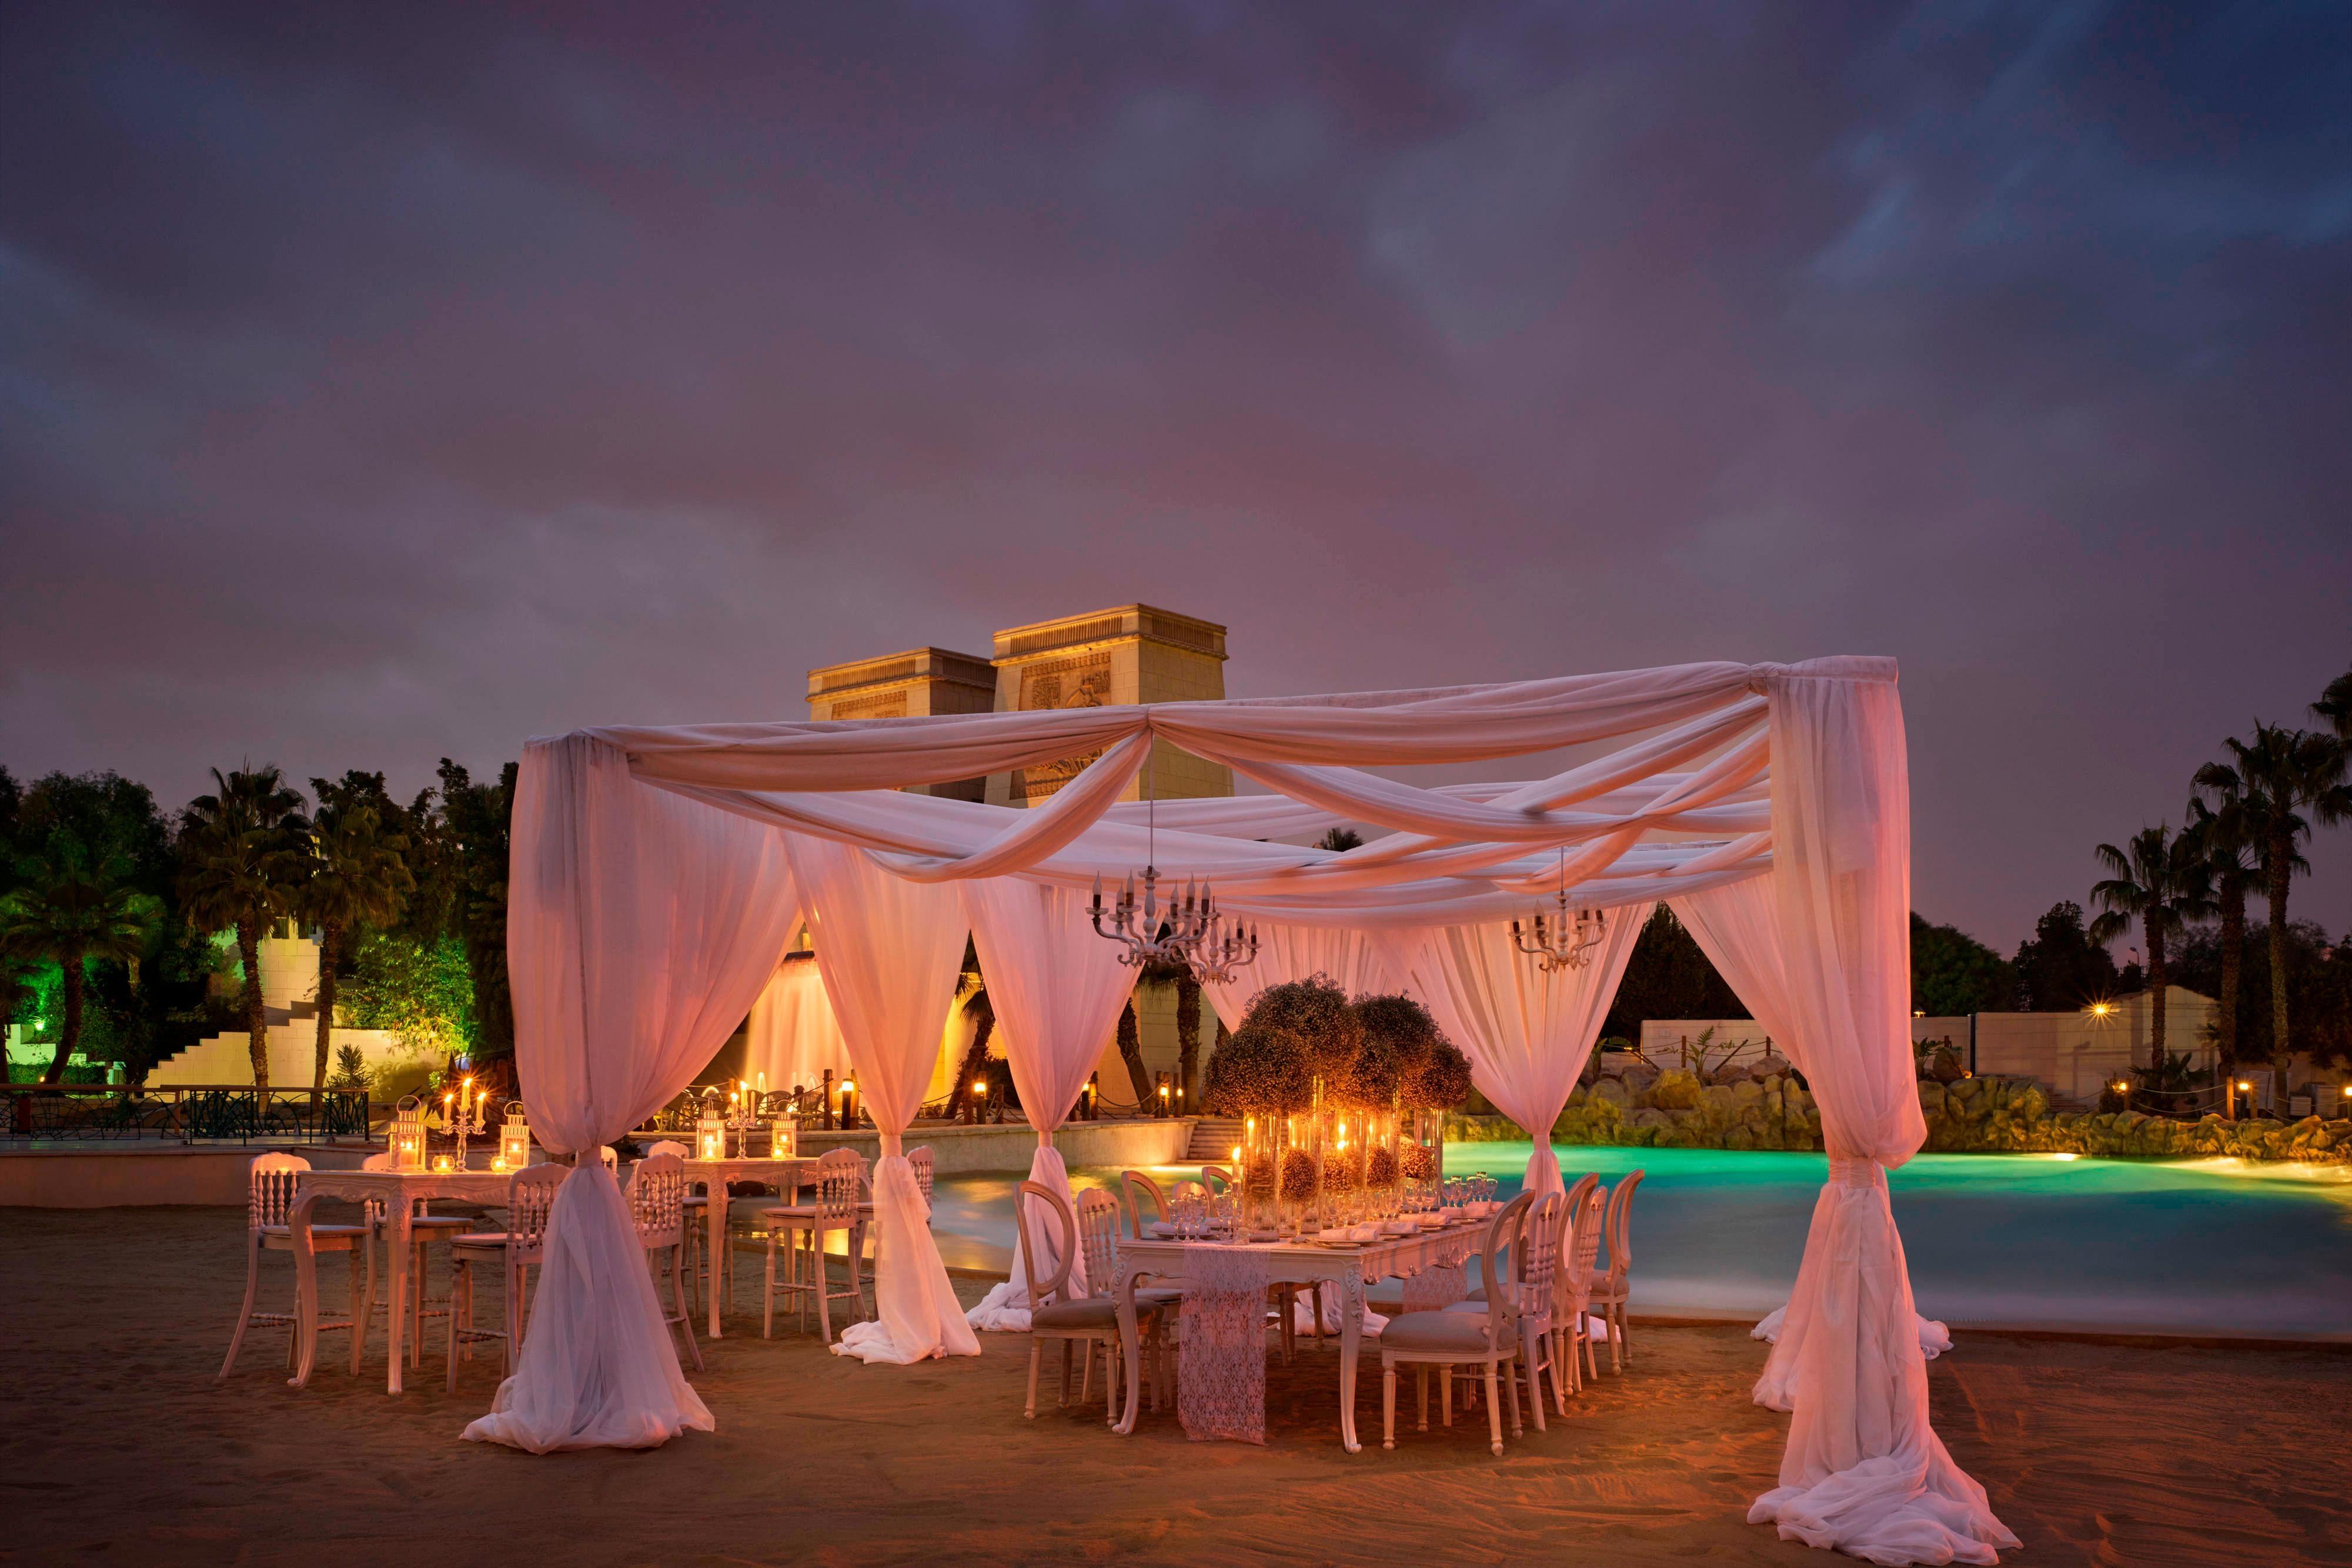 Outdoor wedding venue in Cairo